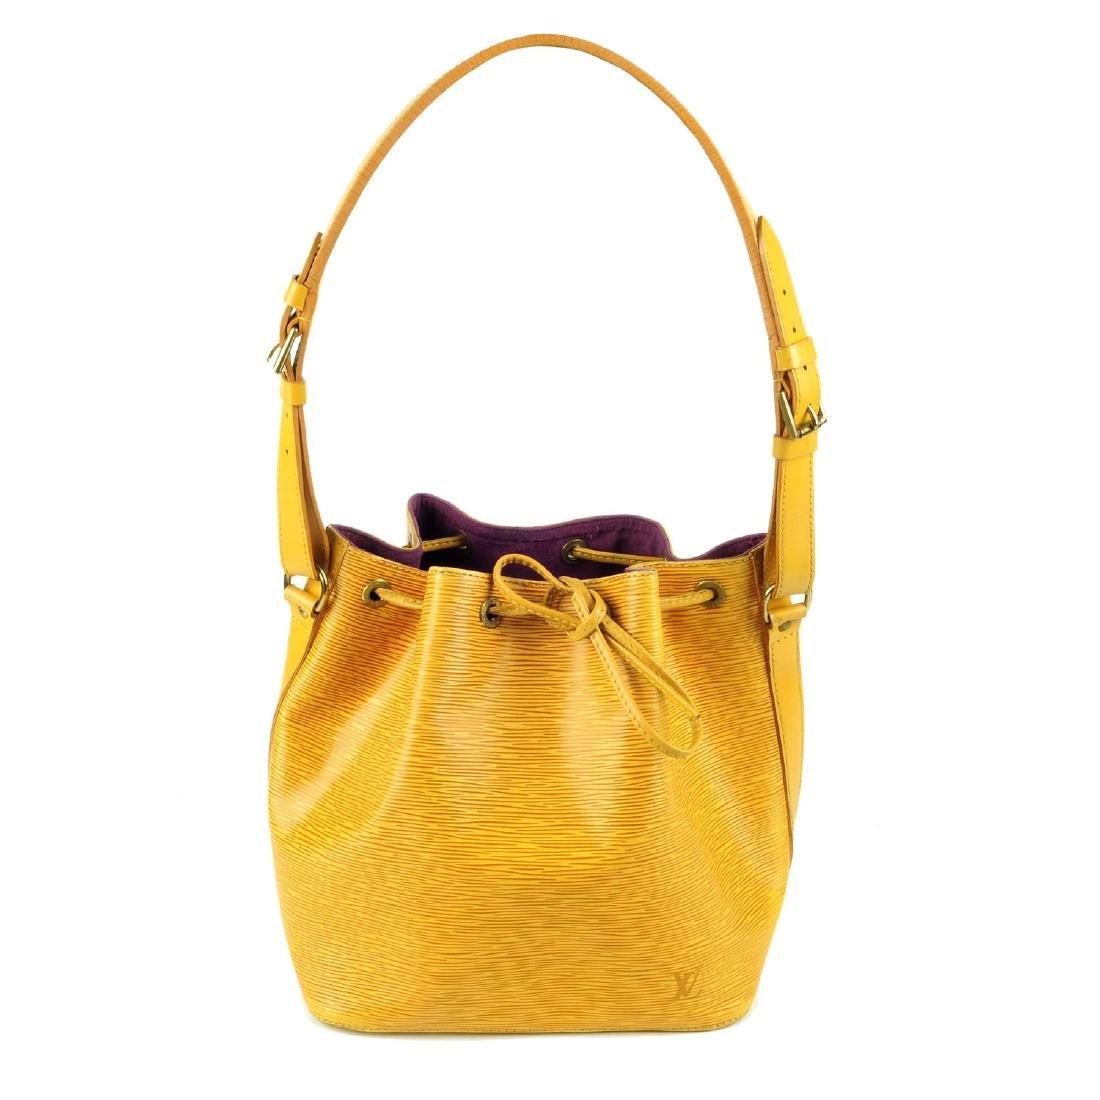 LOUIS VUITTON - a yellow Epi Petite Noe bucket handbag.